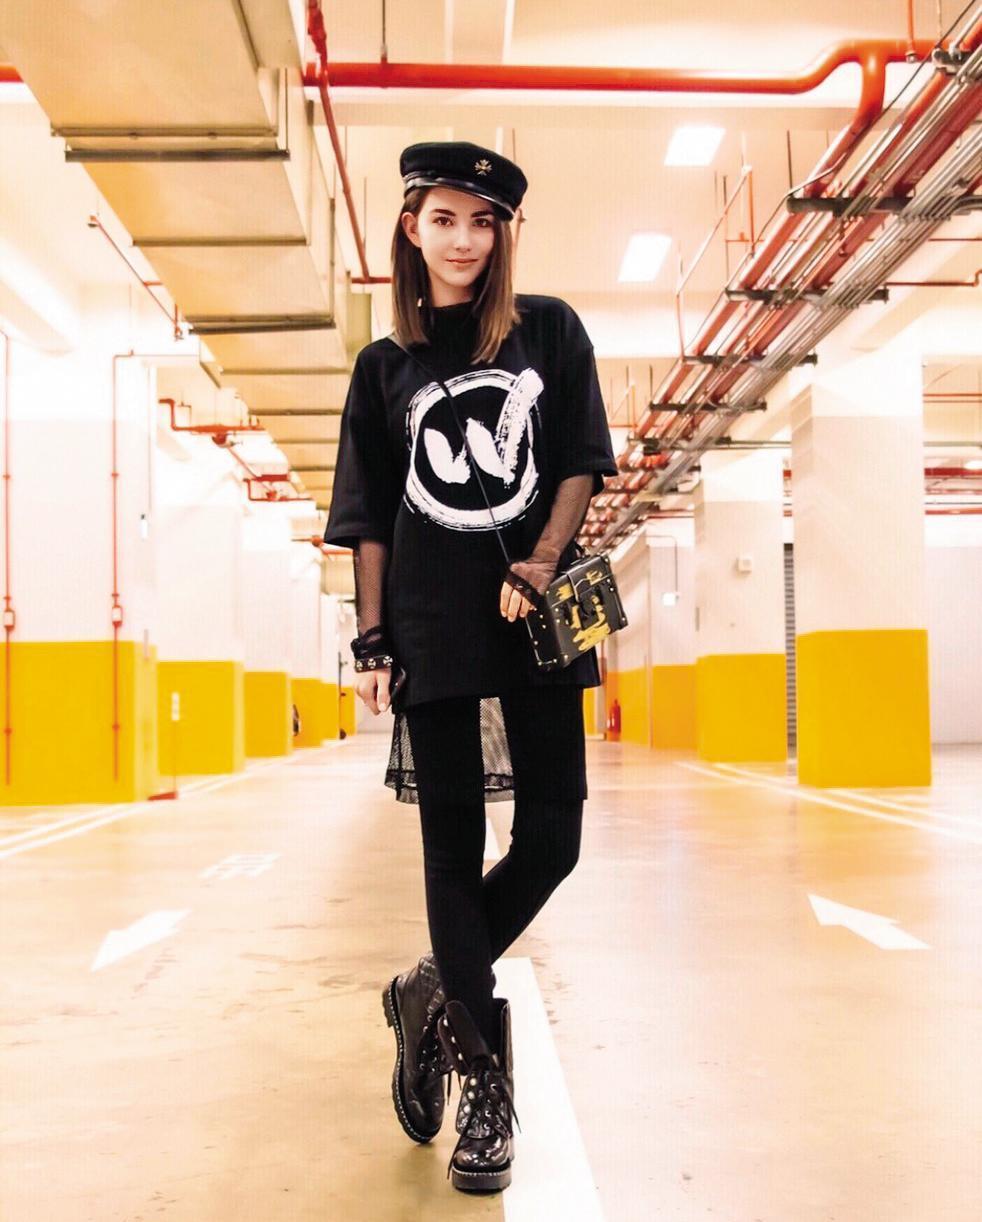 年輕辣媽昆凌穿著很有自己的態度,一身黑色打扮,以材質與層次做出區隔:中長版T-Shirt、紗裙、貼身長褲與軍靴,讓紗裙成為點綴的配角,卻中和了陽剛氣味,只留下率性與帥氣。